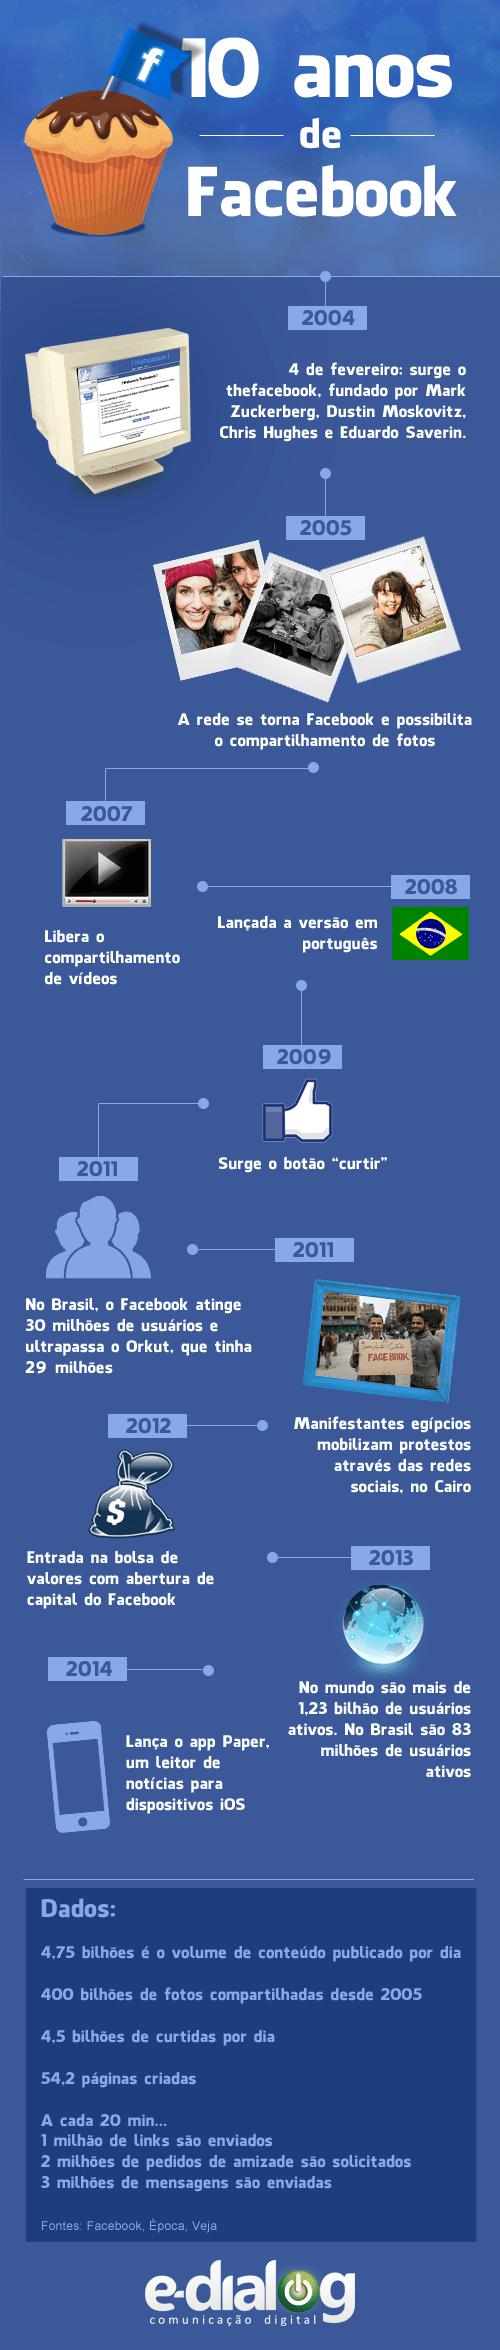 Dados do Facebook em 10 anos